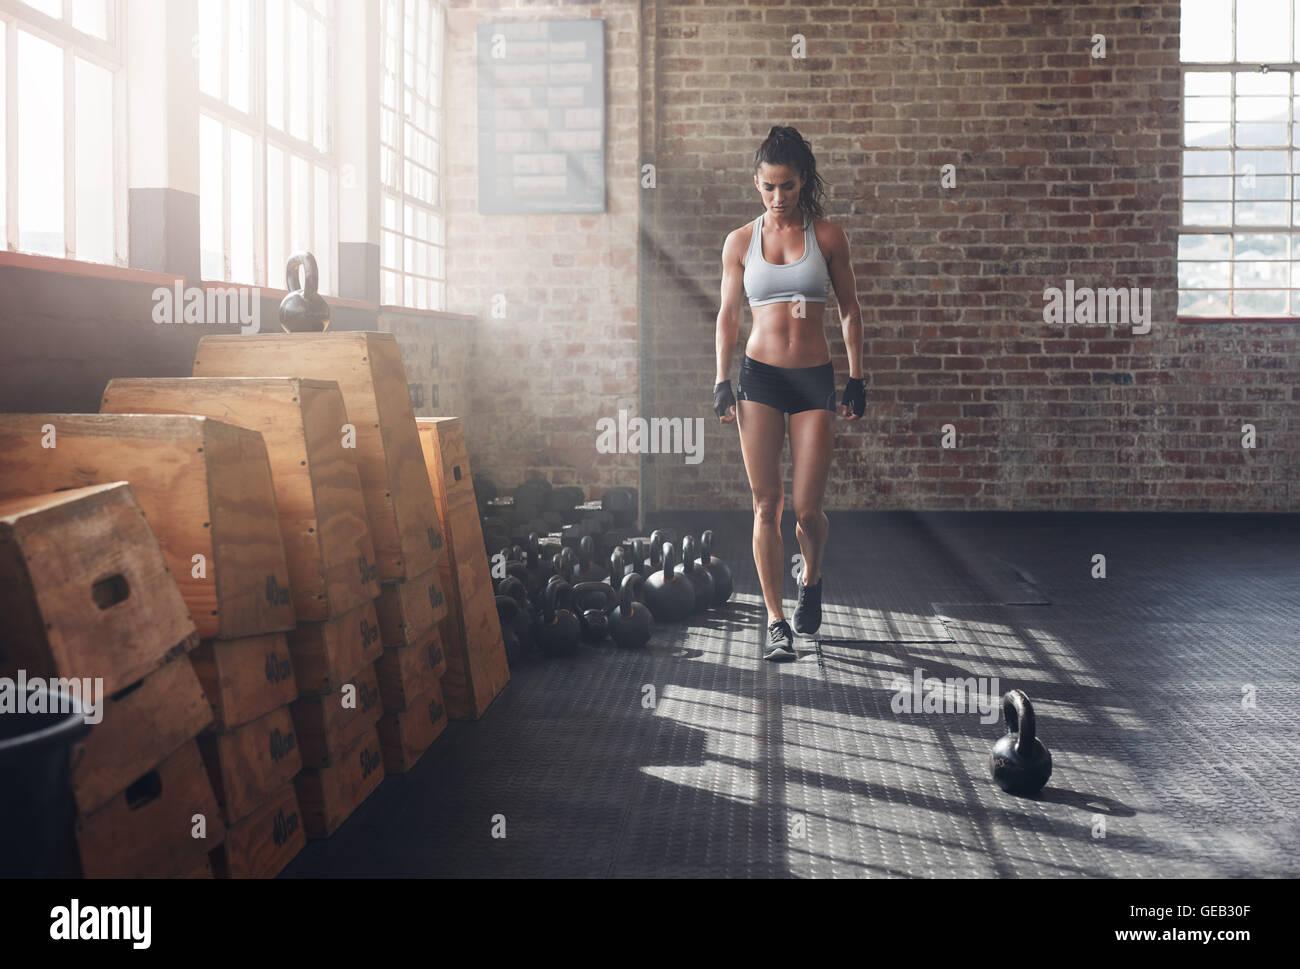 Voller Länge Aufnahme Fitness Frau zu Fuß in die Turnhalle mit Wasserkocher Glocke am Boden. Aufwärmen Stockbild